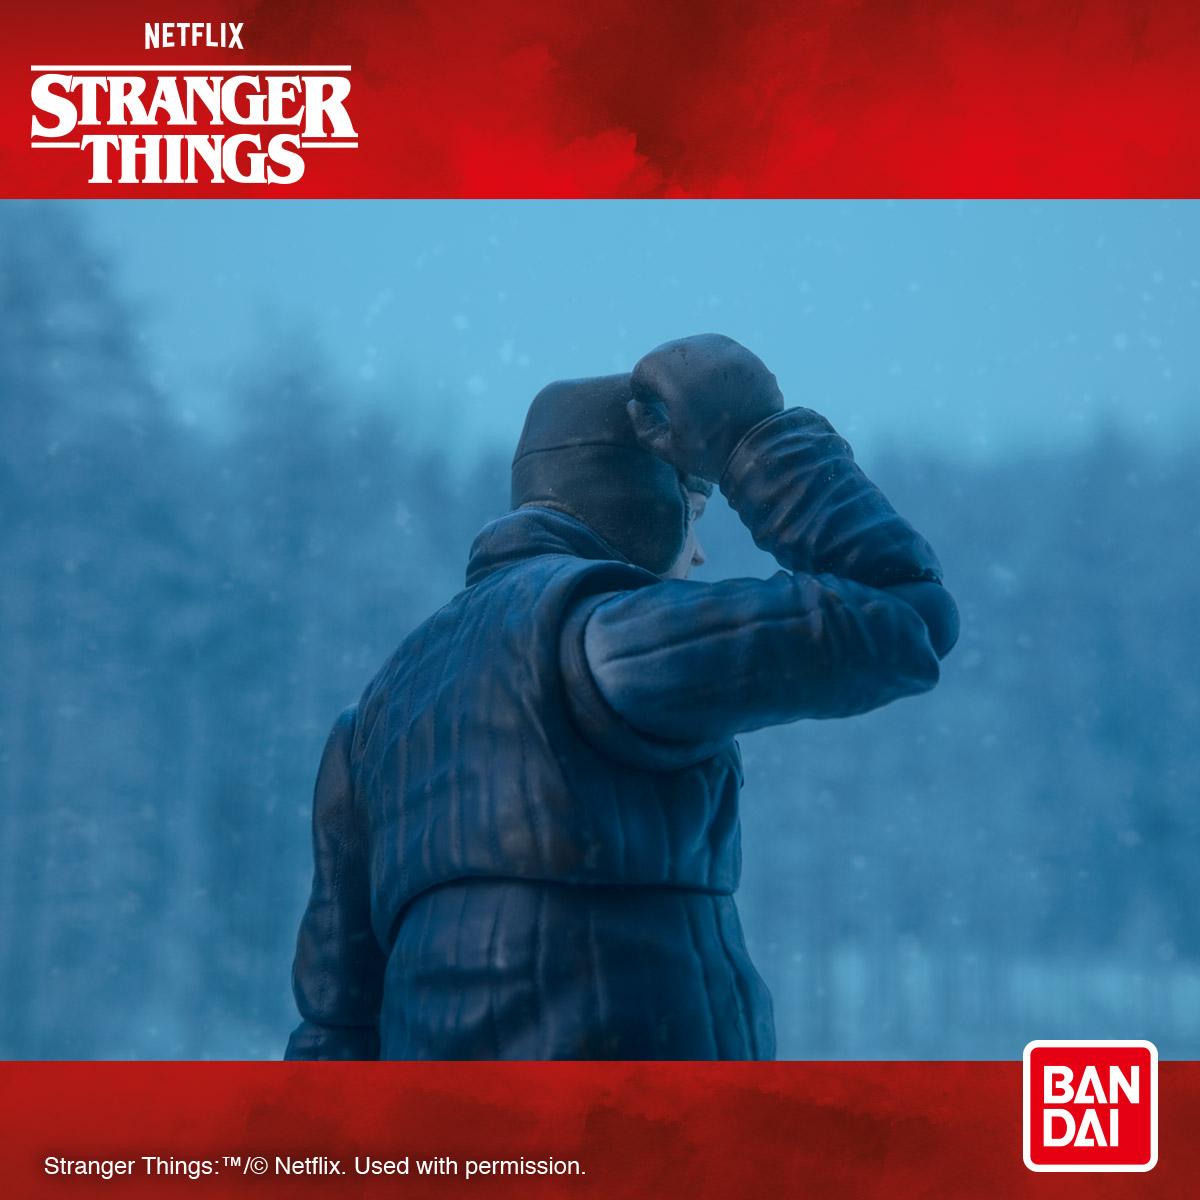 STRANGER THINGS #1 HOPPER